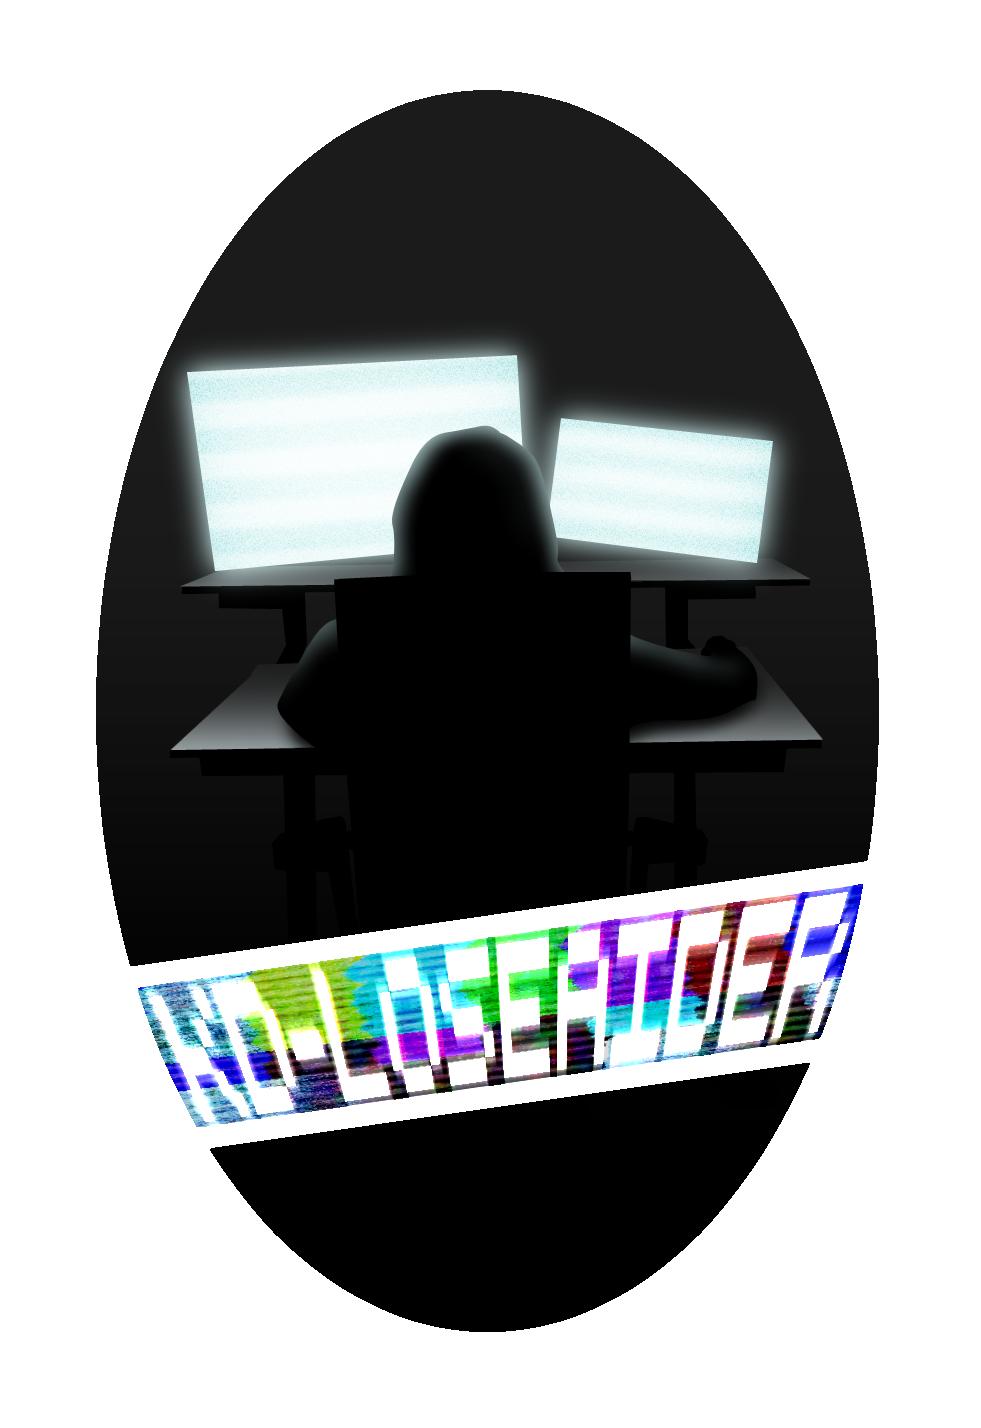 KD-LoseAider's Profile Picture